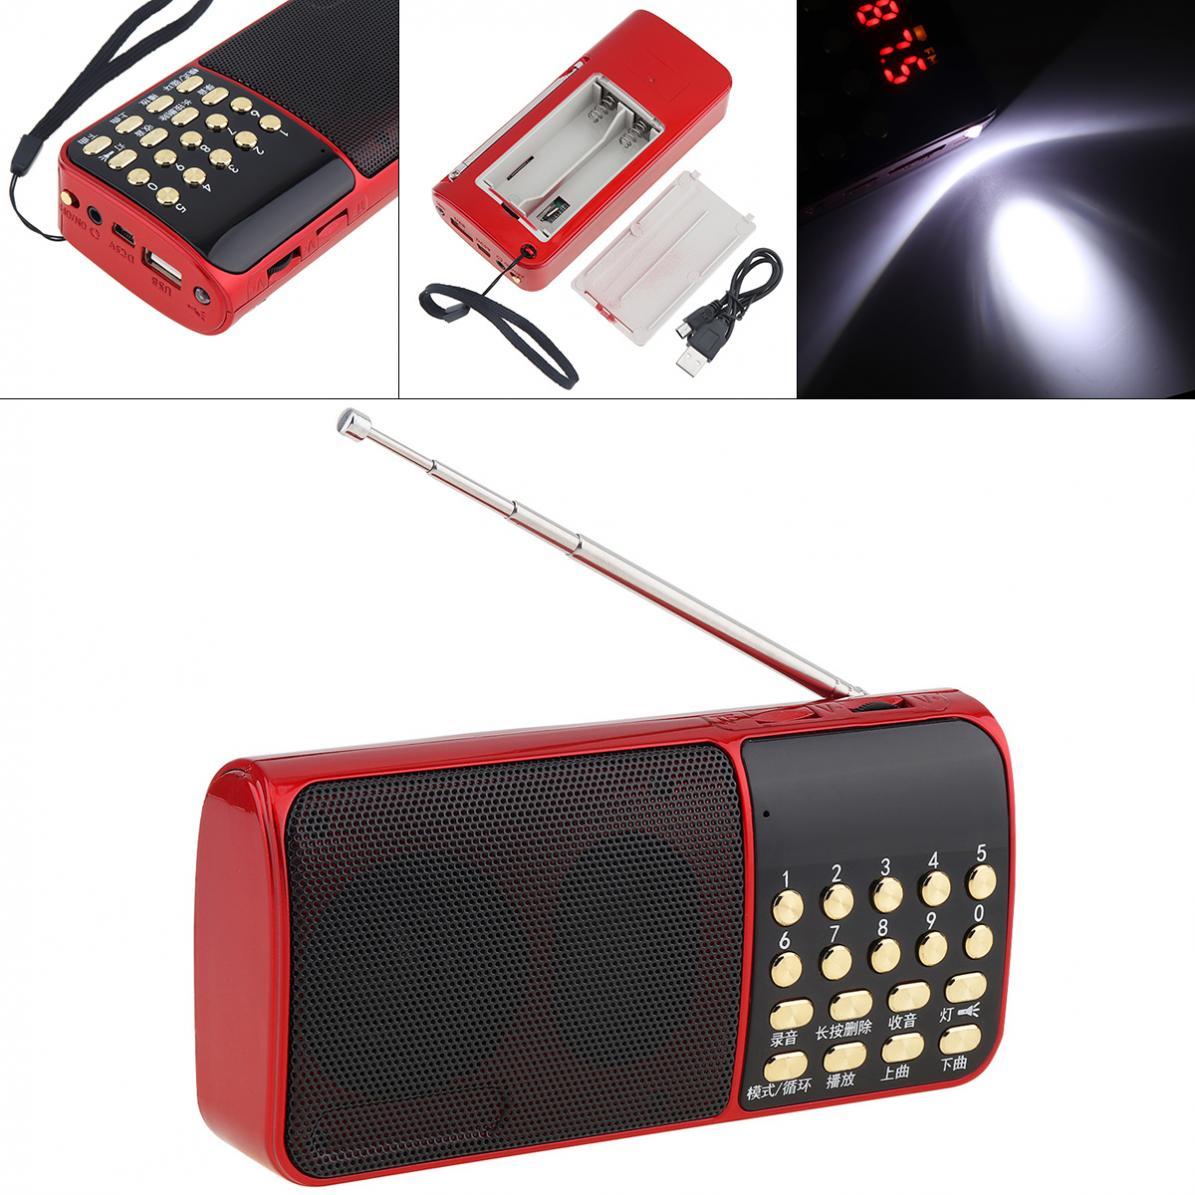 E51 Tragbare Radio Mini Audio Karte Lautsprecher Fm Radio Mit One-taste Beleuchtung Und Haltepunkt Speicher Für Outdoor/ Hause Tragbares Audio & Video